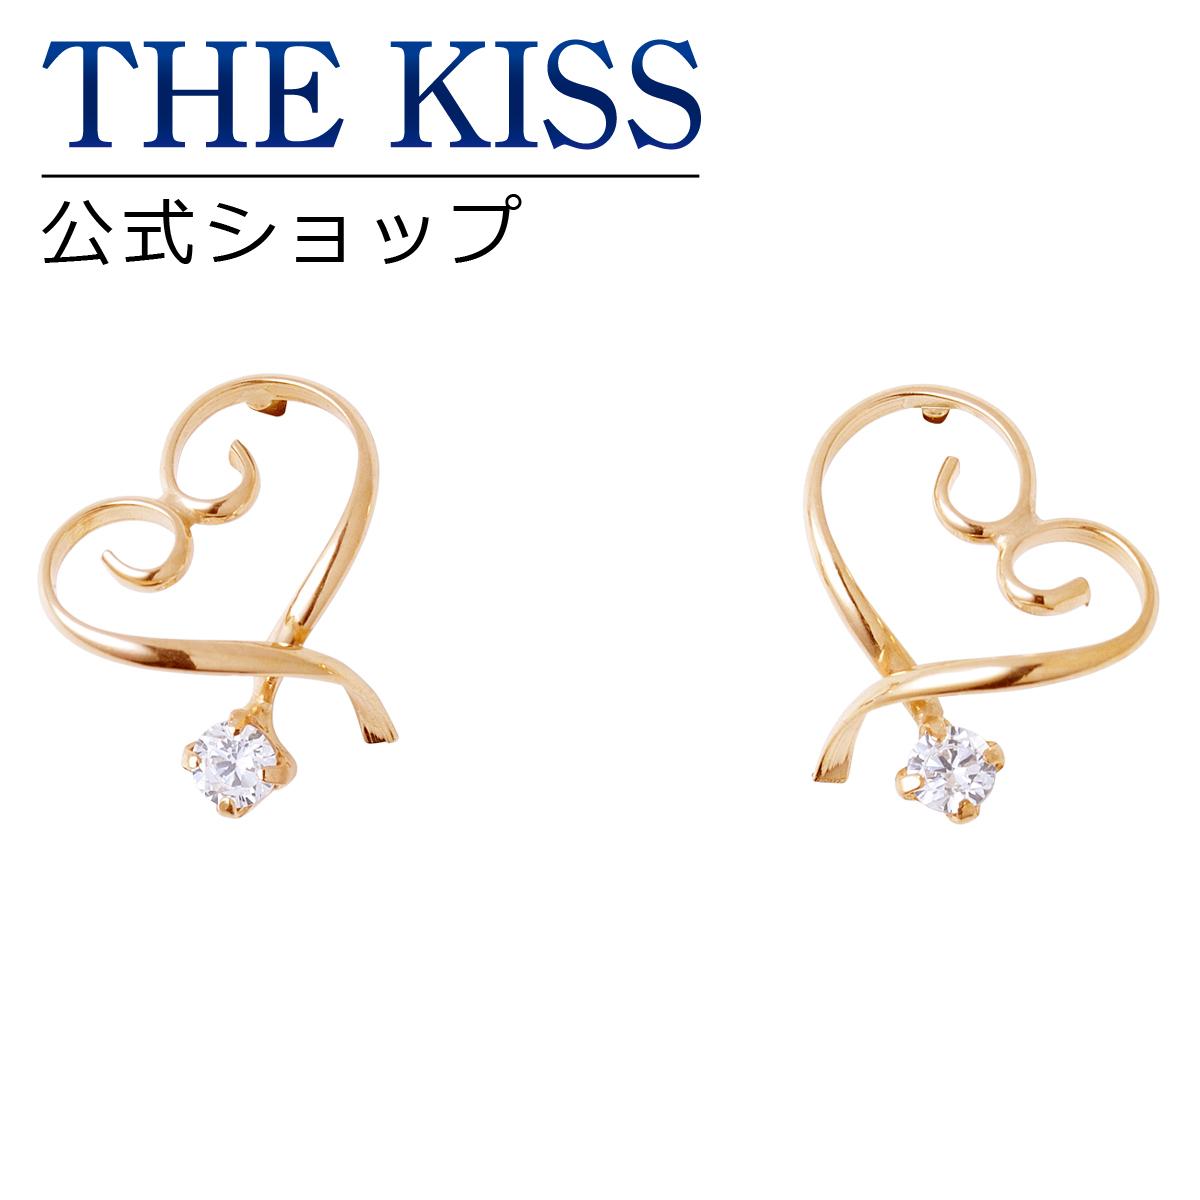 【あす楽対応】THE KISS 公式サイト K10 イエローゴールド ピアス レディースジュエリー・アクセサリー ジュエリーブランド THEKISS レディースピアス 記念日 プレゼント AL-34CB ザキス 【送料無料】